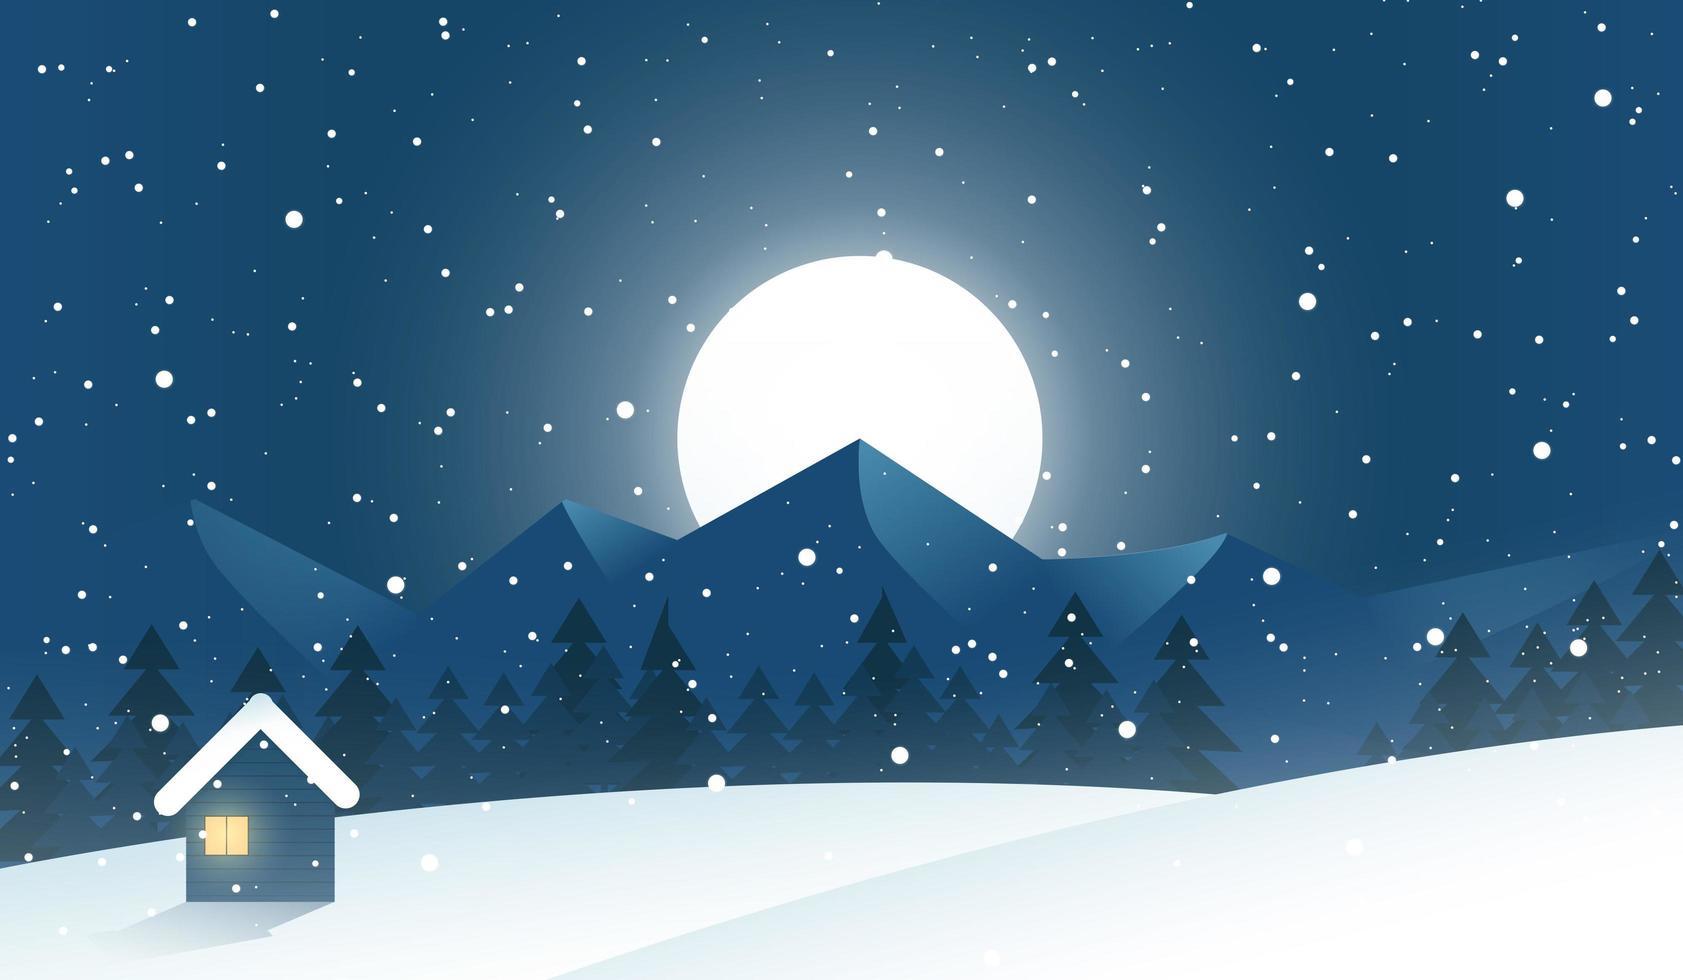 sob o luar, cena do inverno vetor